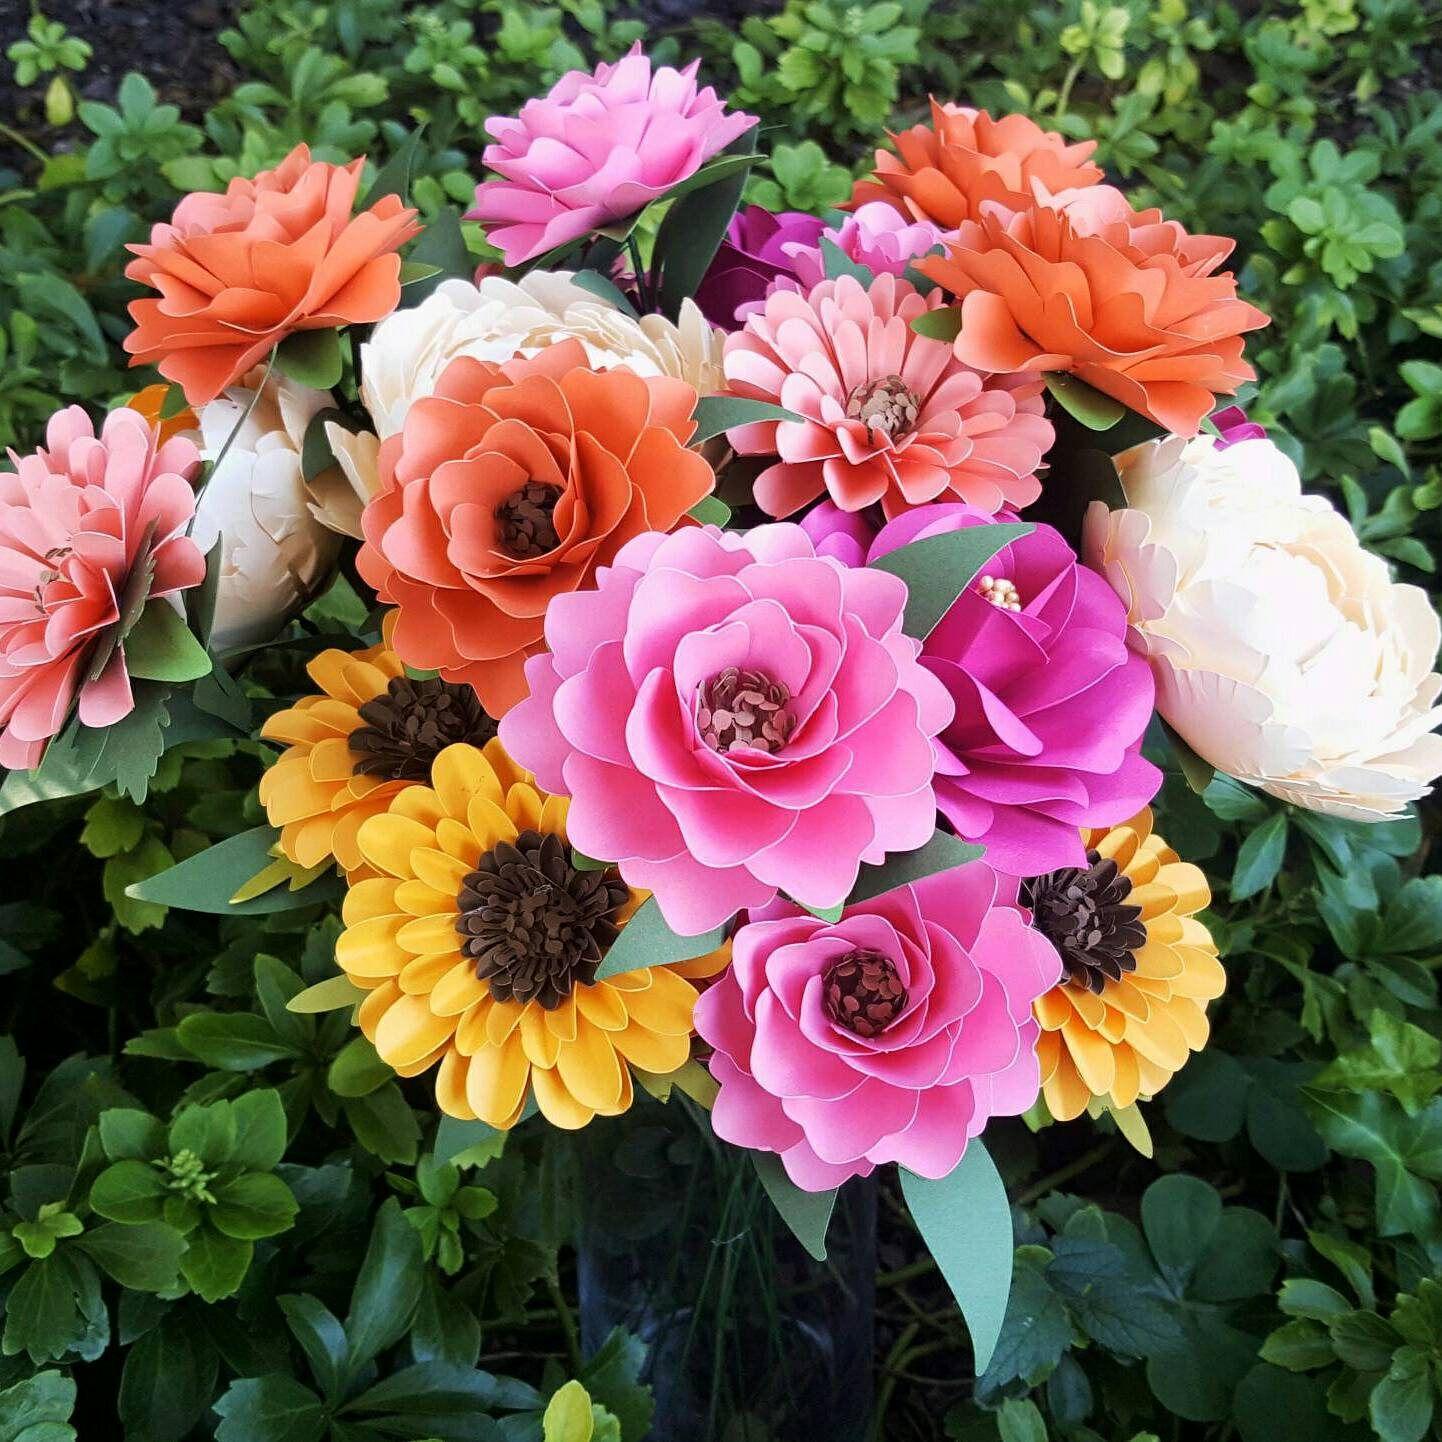 Custom Made Paper Bouquet - Paper Flower Bouquet - Wedding Bouquet ...